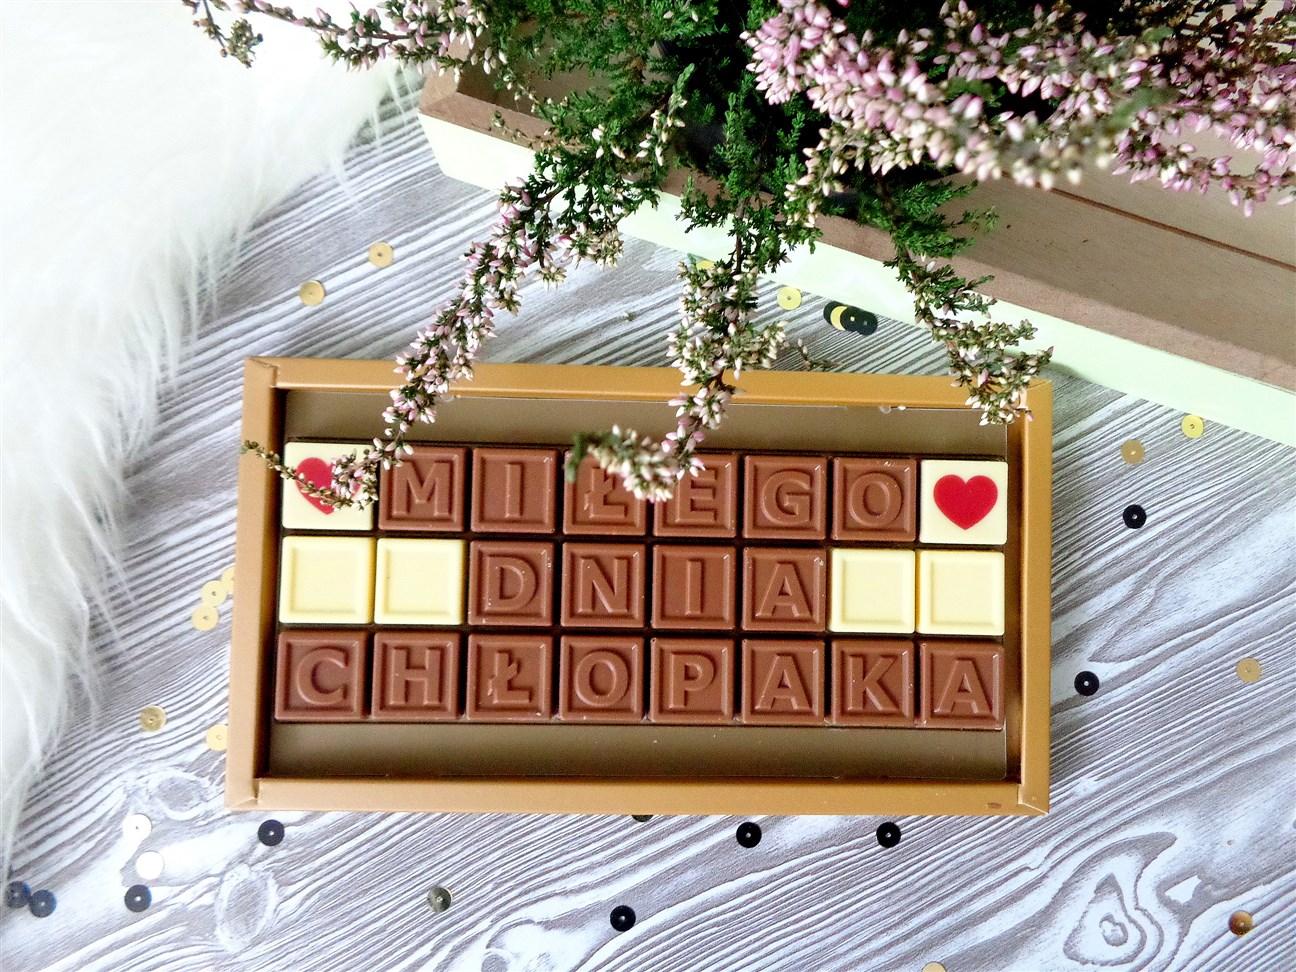 zdjęcie przedstawiające czekoladowy telegram Chocolissimo